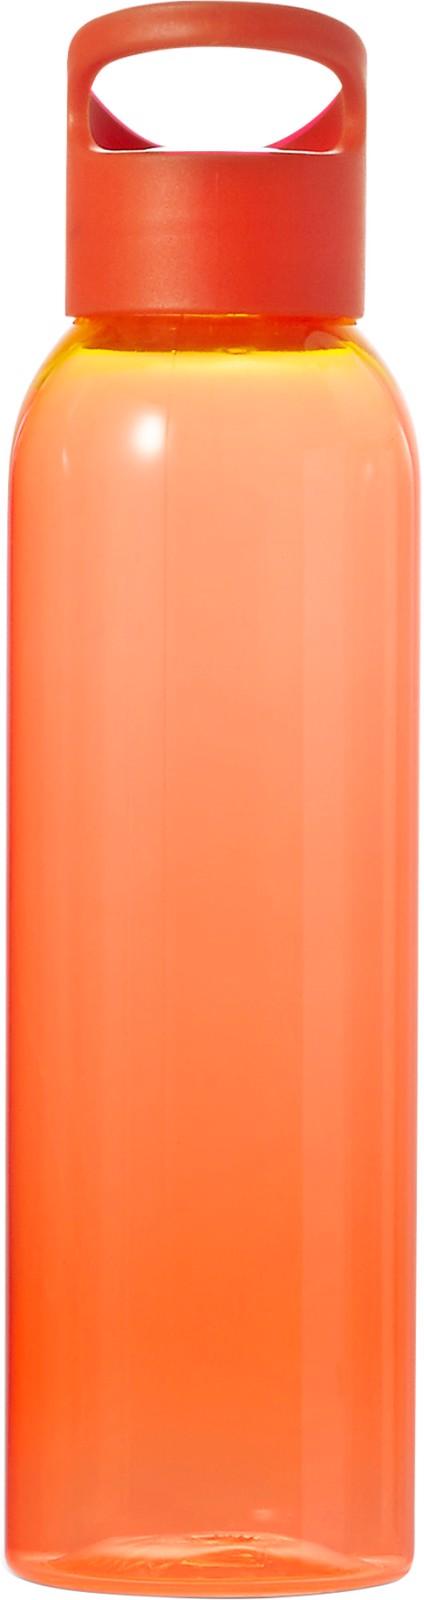 AS bottle - Orange